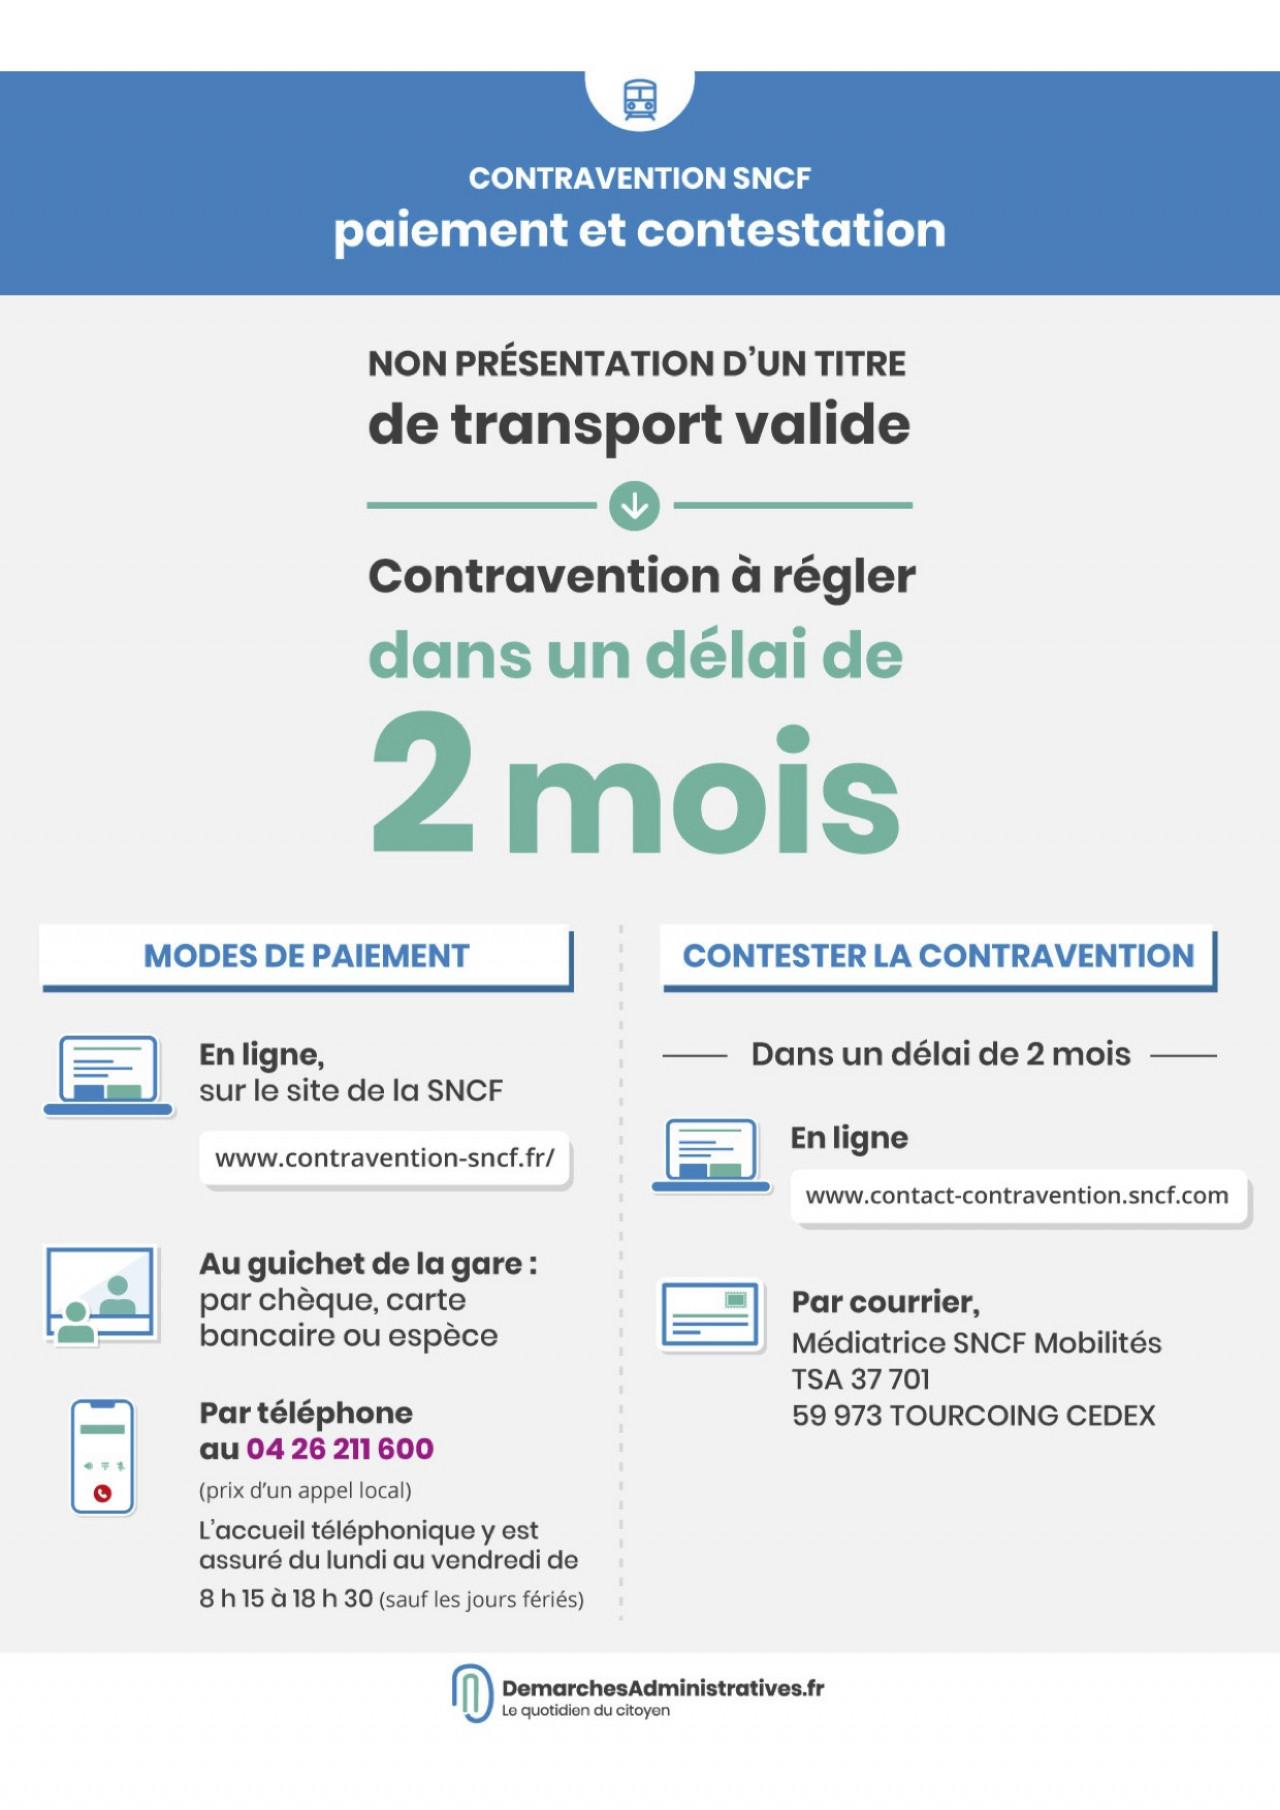 Contravention SNCF : paiement et contestation